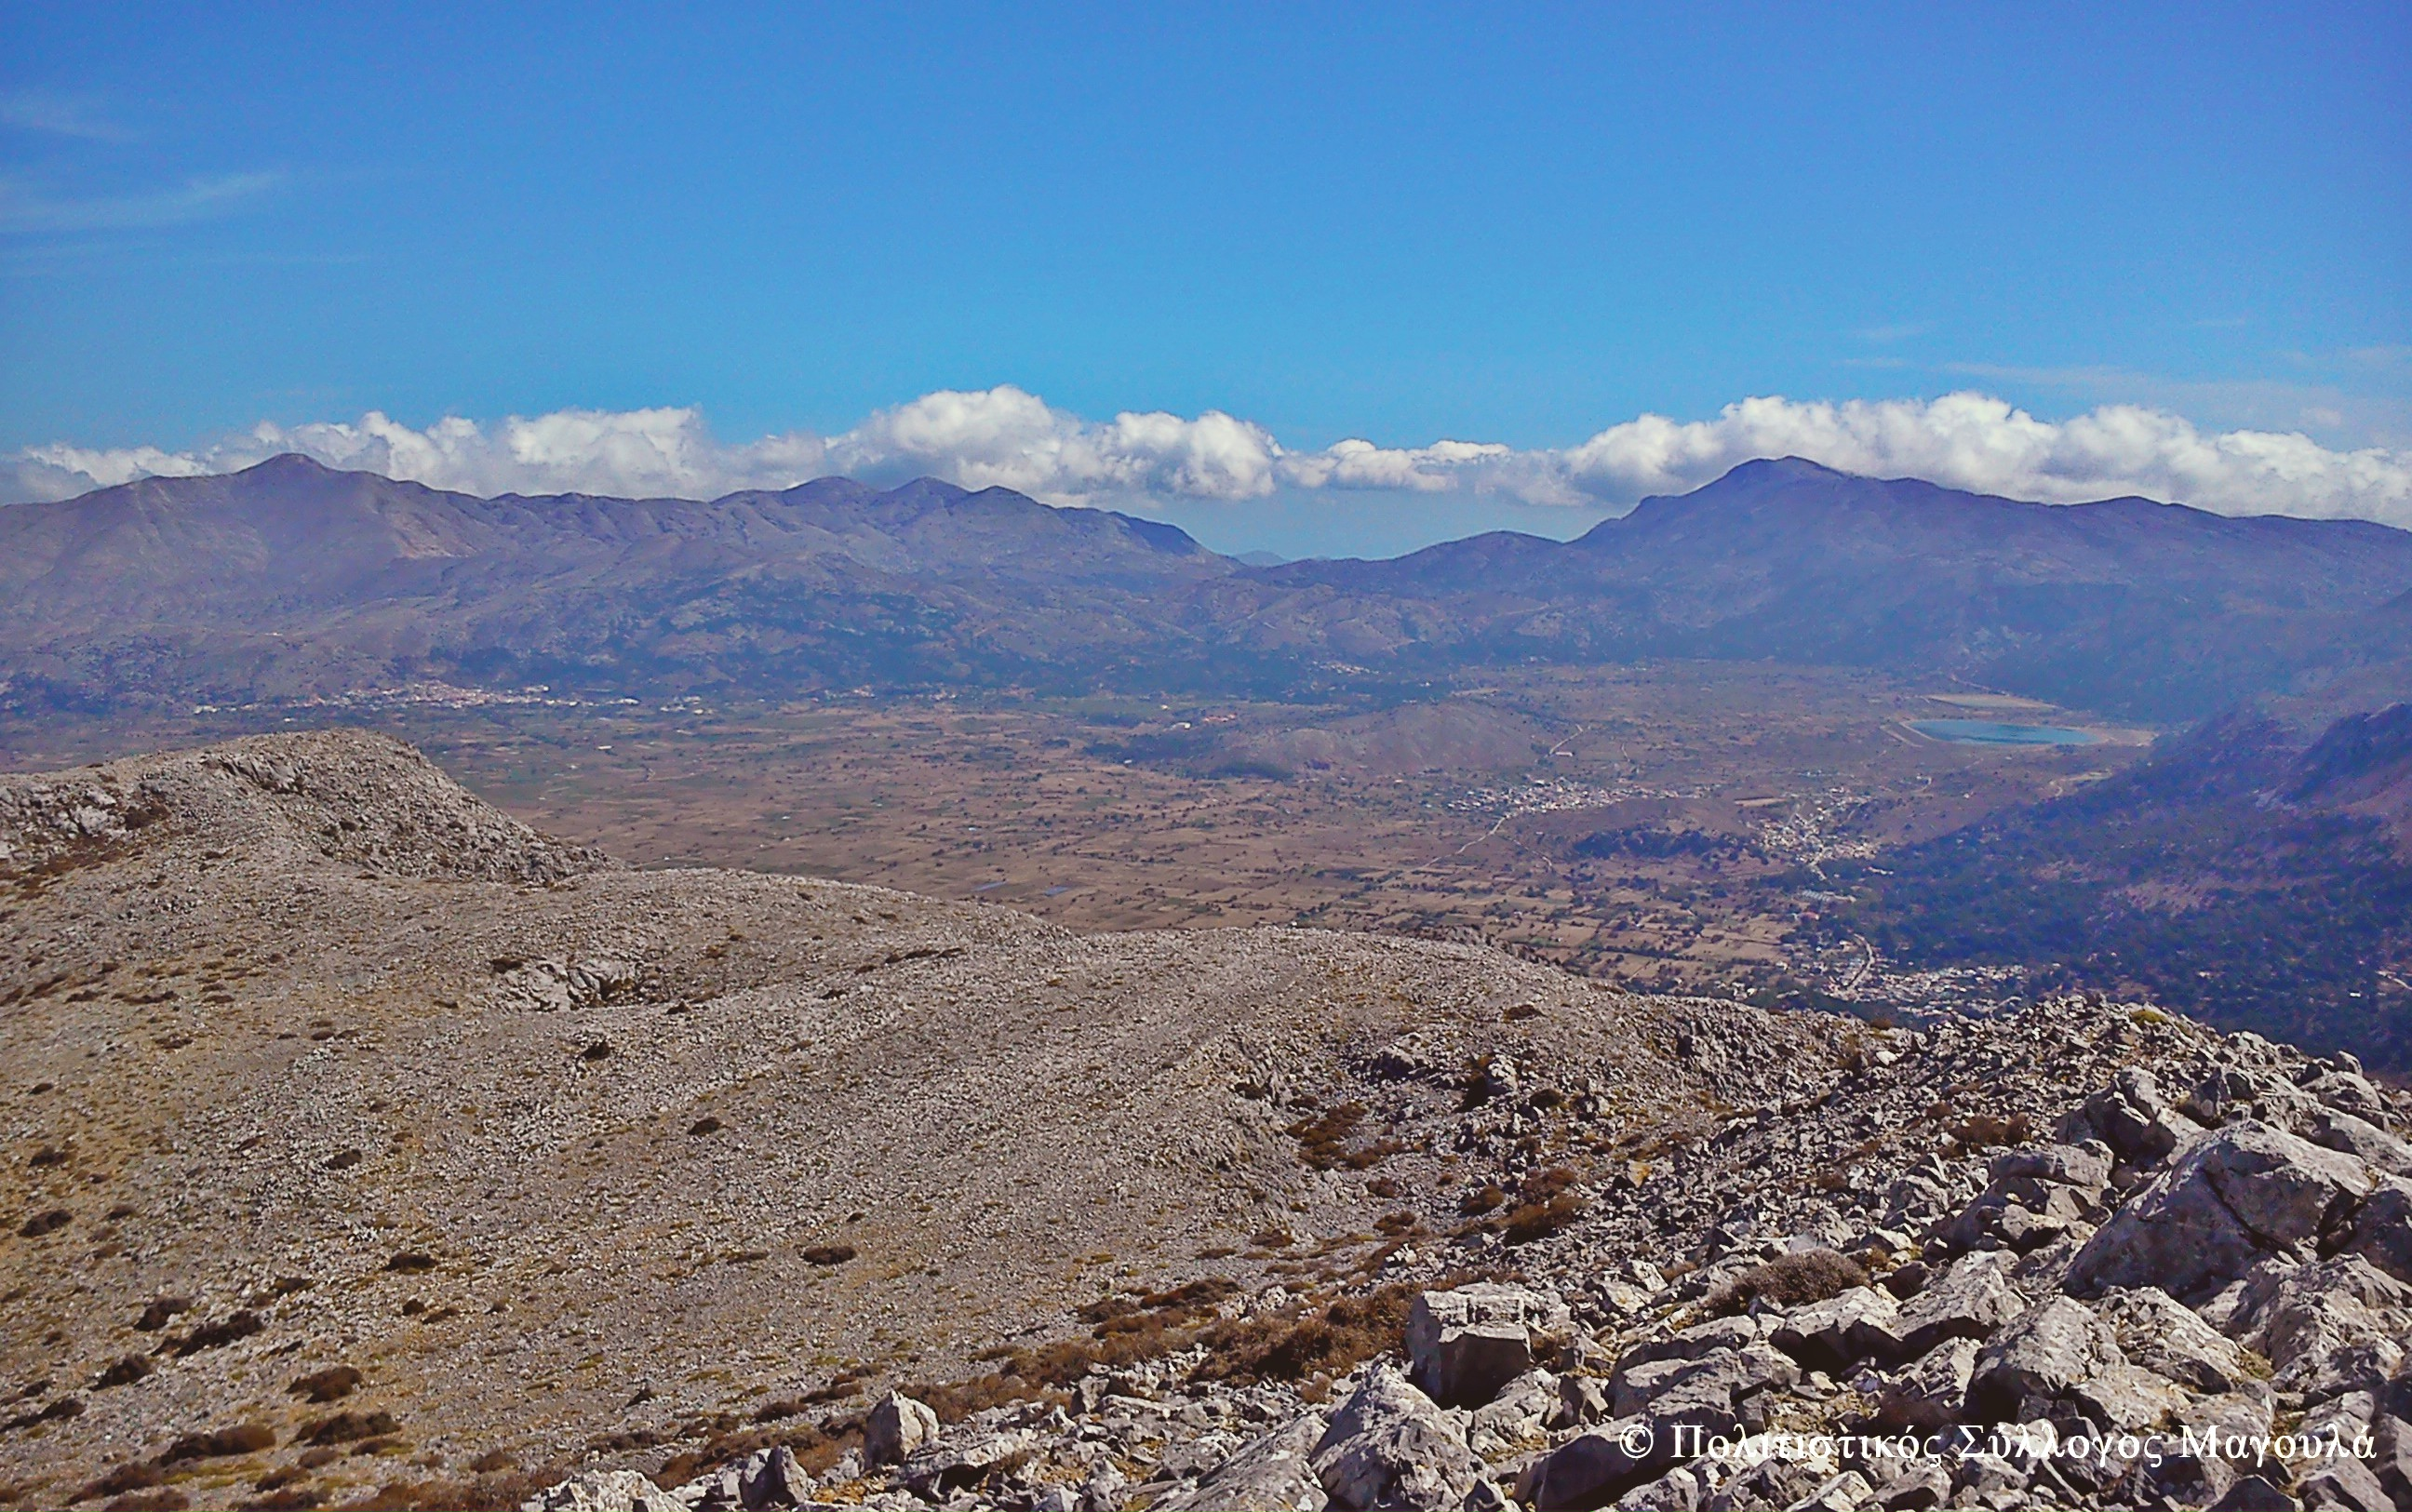 Η θέα του λασιθιώτικου κάμπου από τη Κορφή της Μάχας- The view of lasithi plain from the area of Maha